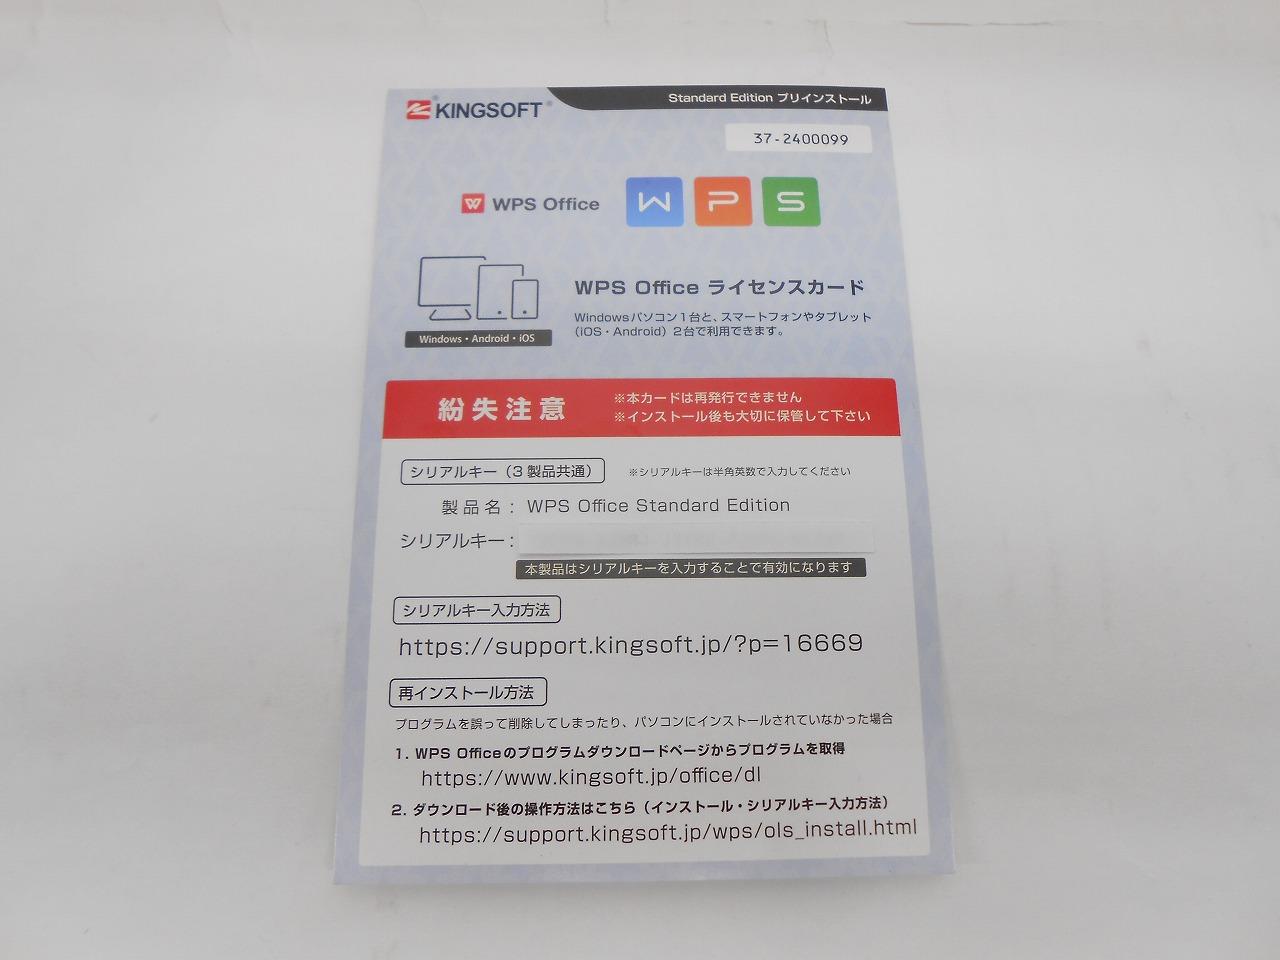 【テレワーク応援】【WPSOffice付】【中古】富士通 FUJITSU LIFEBOOK AH50/C3/2018年モデル/Corei7 7700HQ 2.8GHz/メモリ4GB/HDD1000GB/15インチ/Windows10Home【3ヶ月保証】【足立店発送】